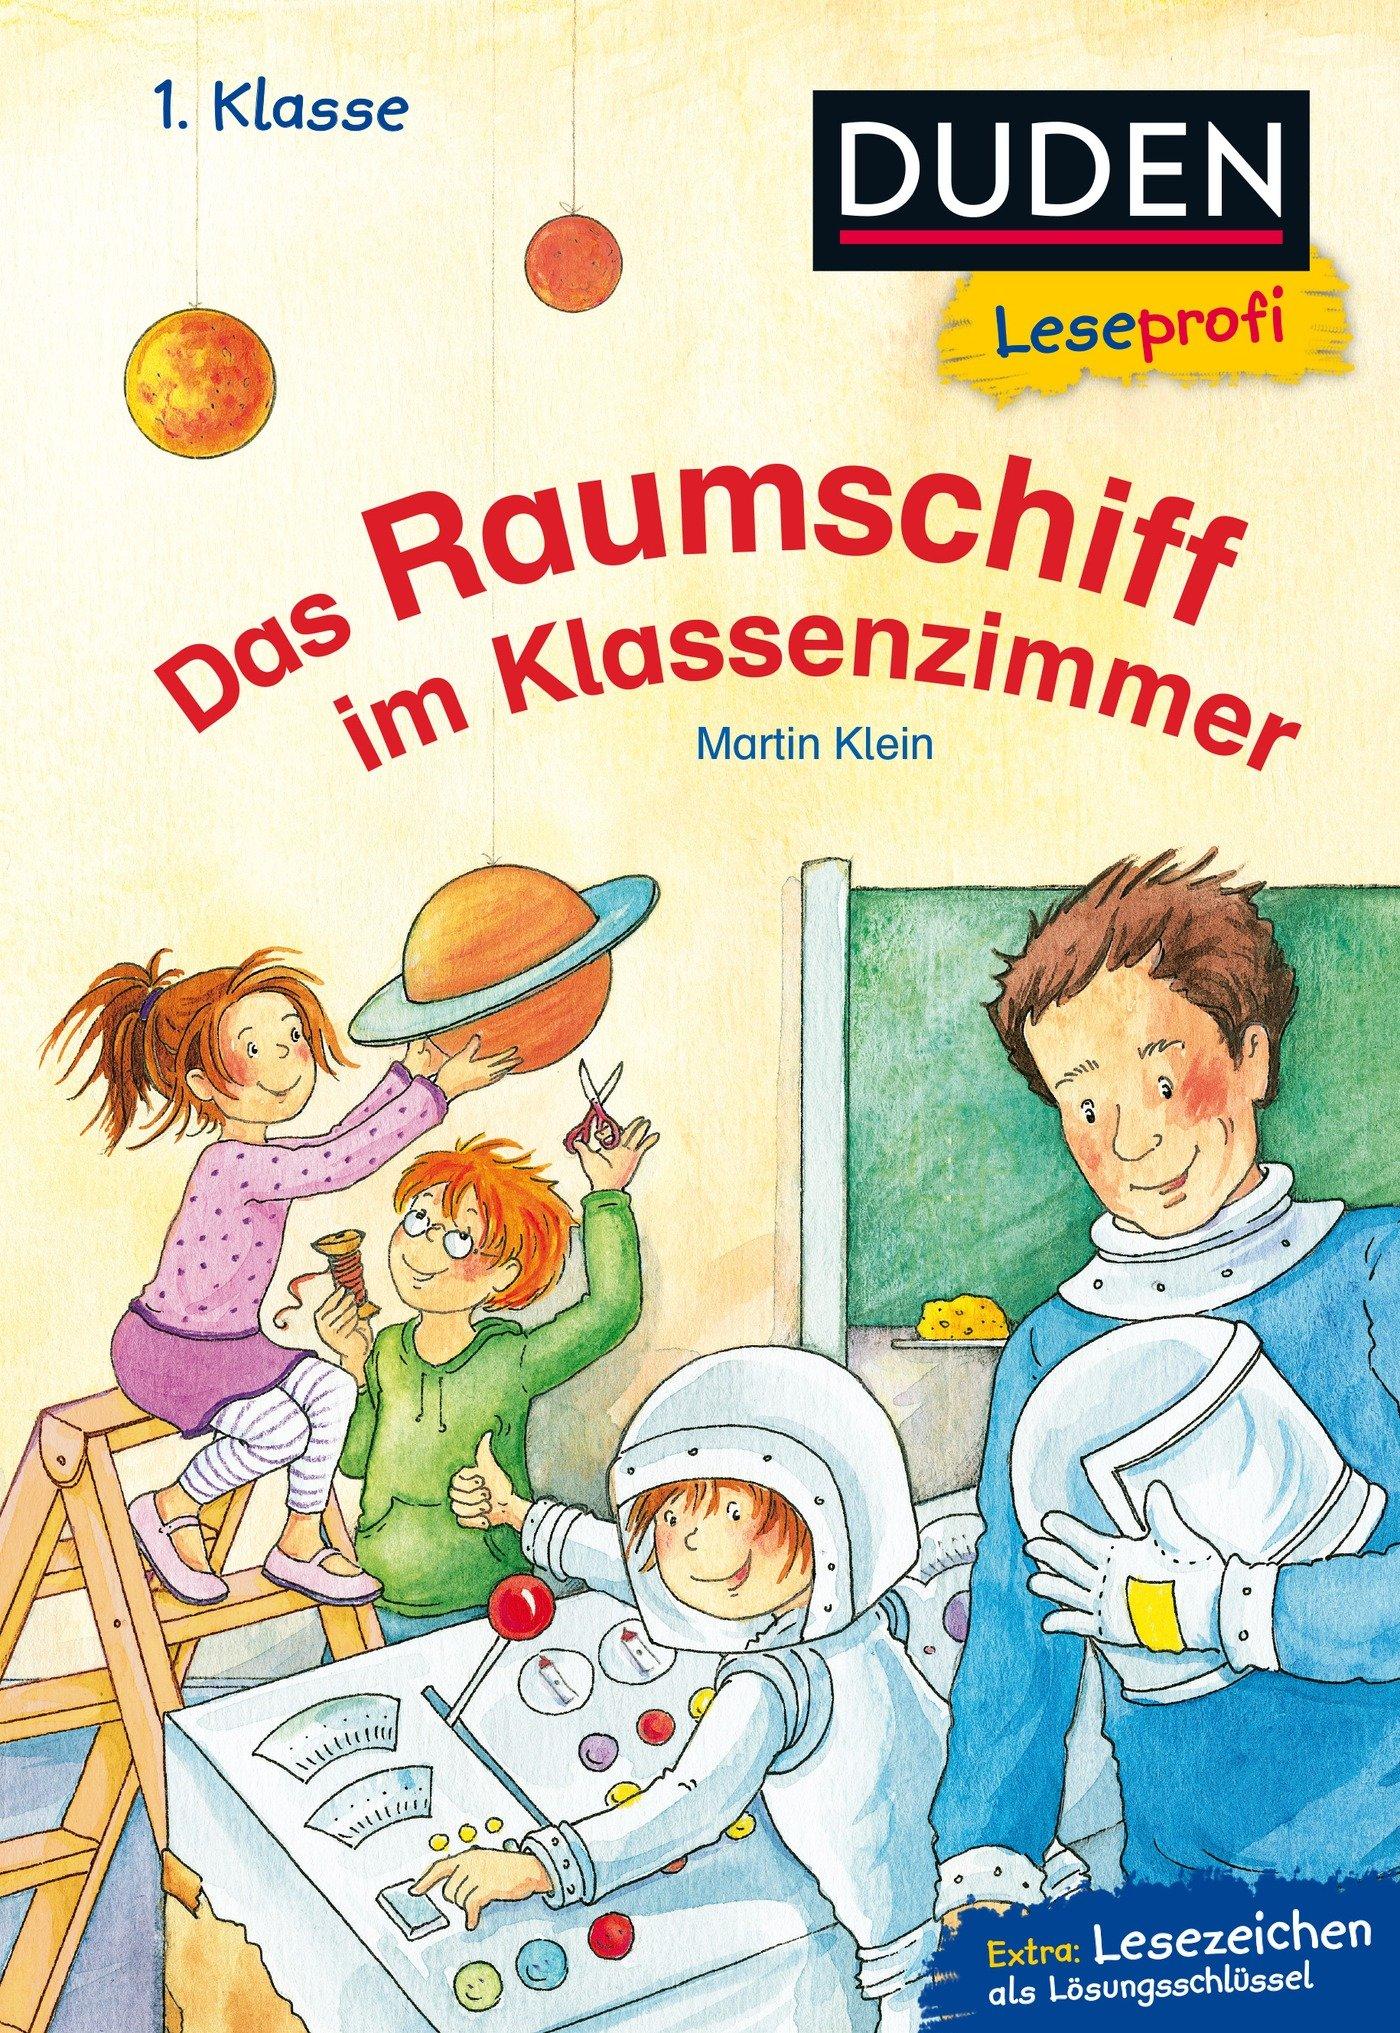 Duden Leseprofi – Das Raumschiff im Klassenzimmer, 1. Klasse (DUDEN Leseprofi 1. Klasse)